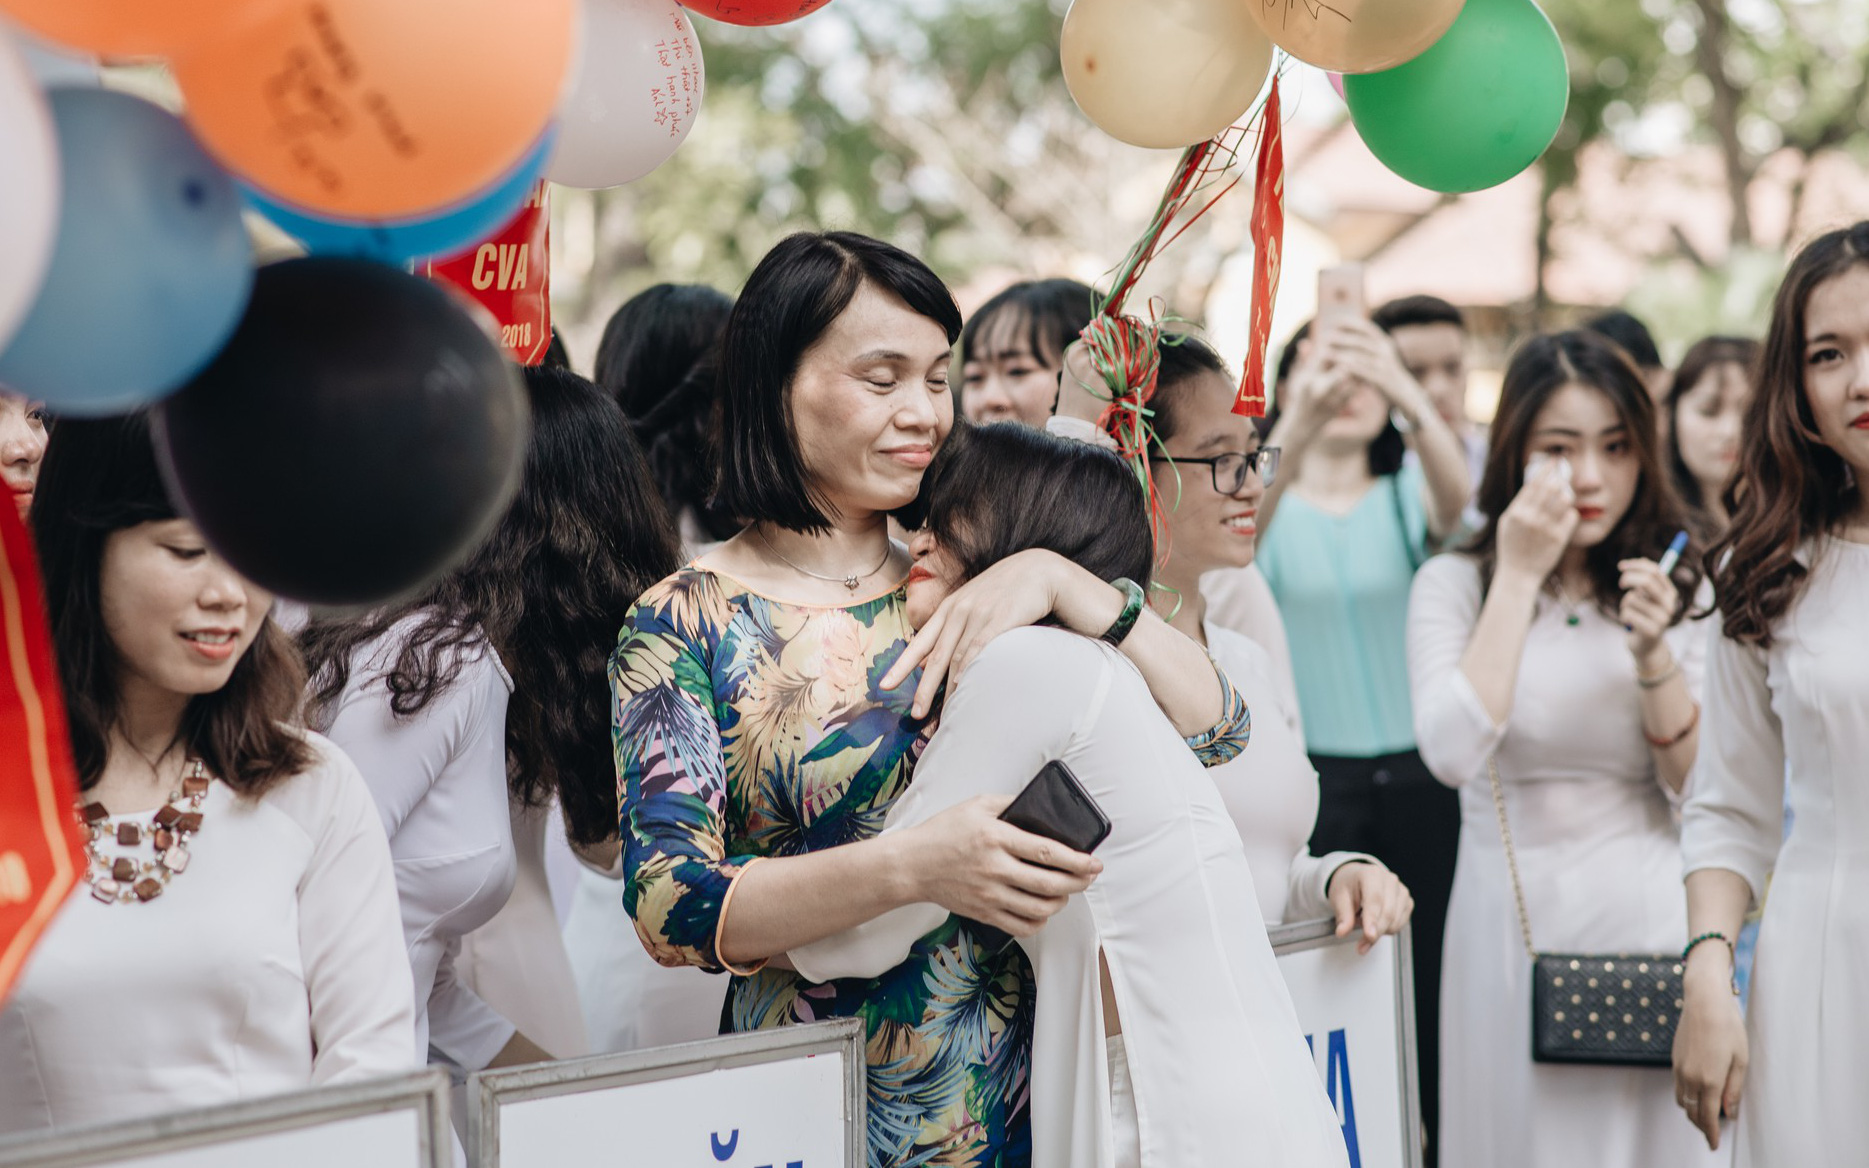 Chào mừng ngày nhà giáo Việt Nam 20/11 tại các trường THPT: Ngày lễ lớn tri ân thầy cô